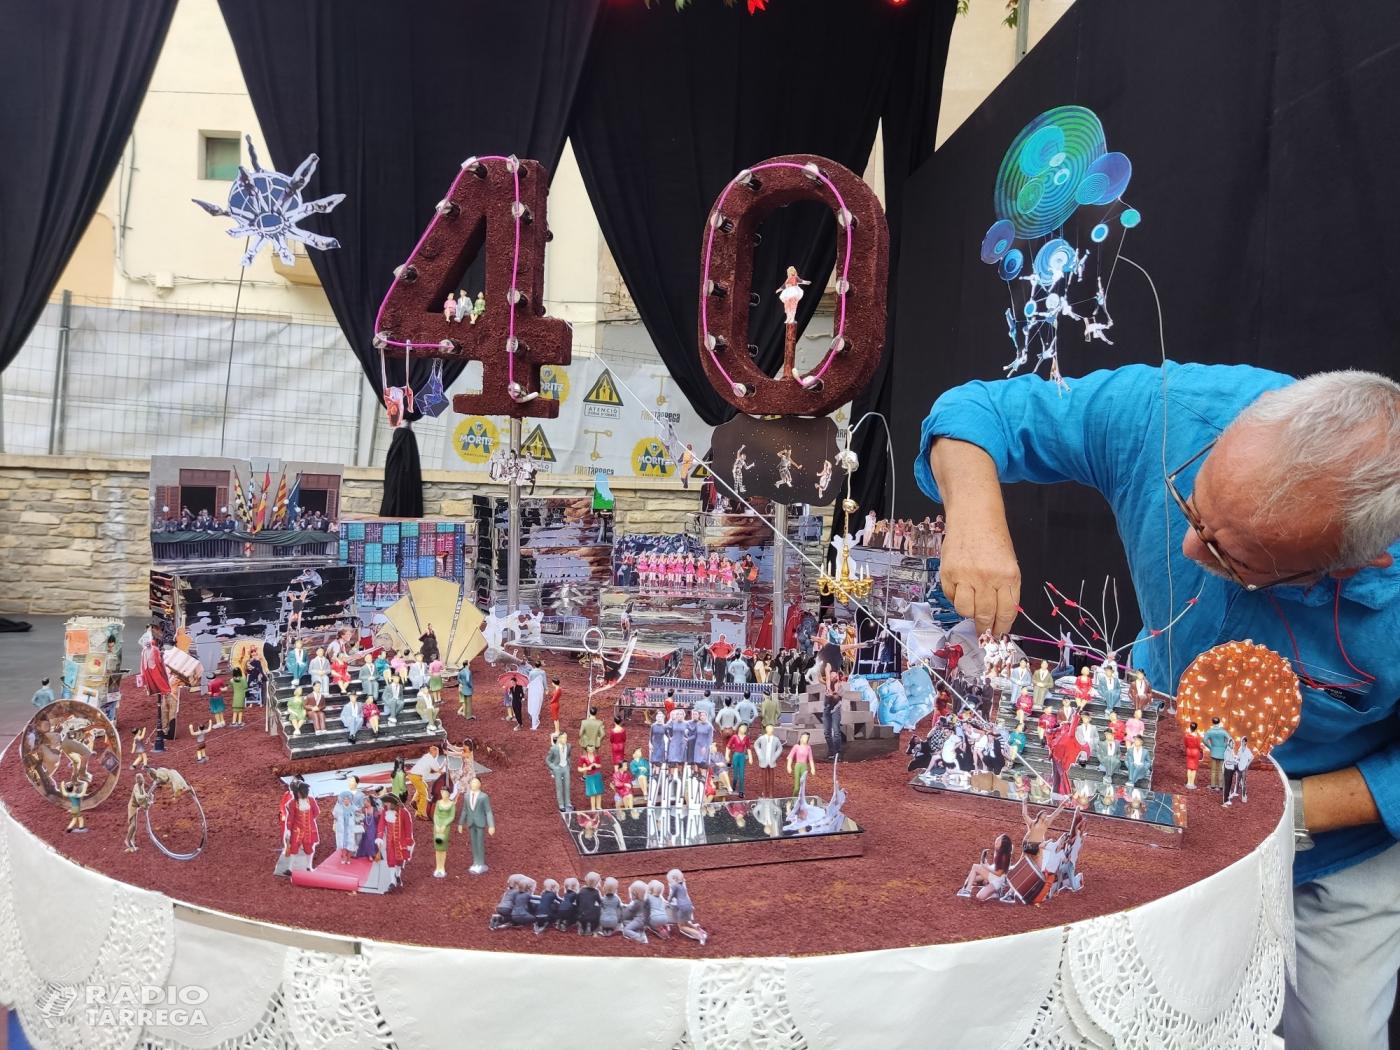 FiraTàrrega celebra els seus 40 anys amb un recorregut històric i afectiu amb pastís d'aniversari inclòs